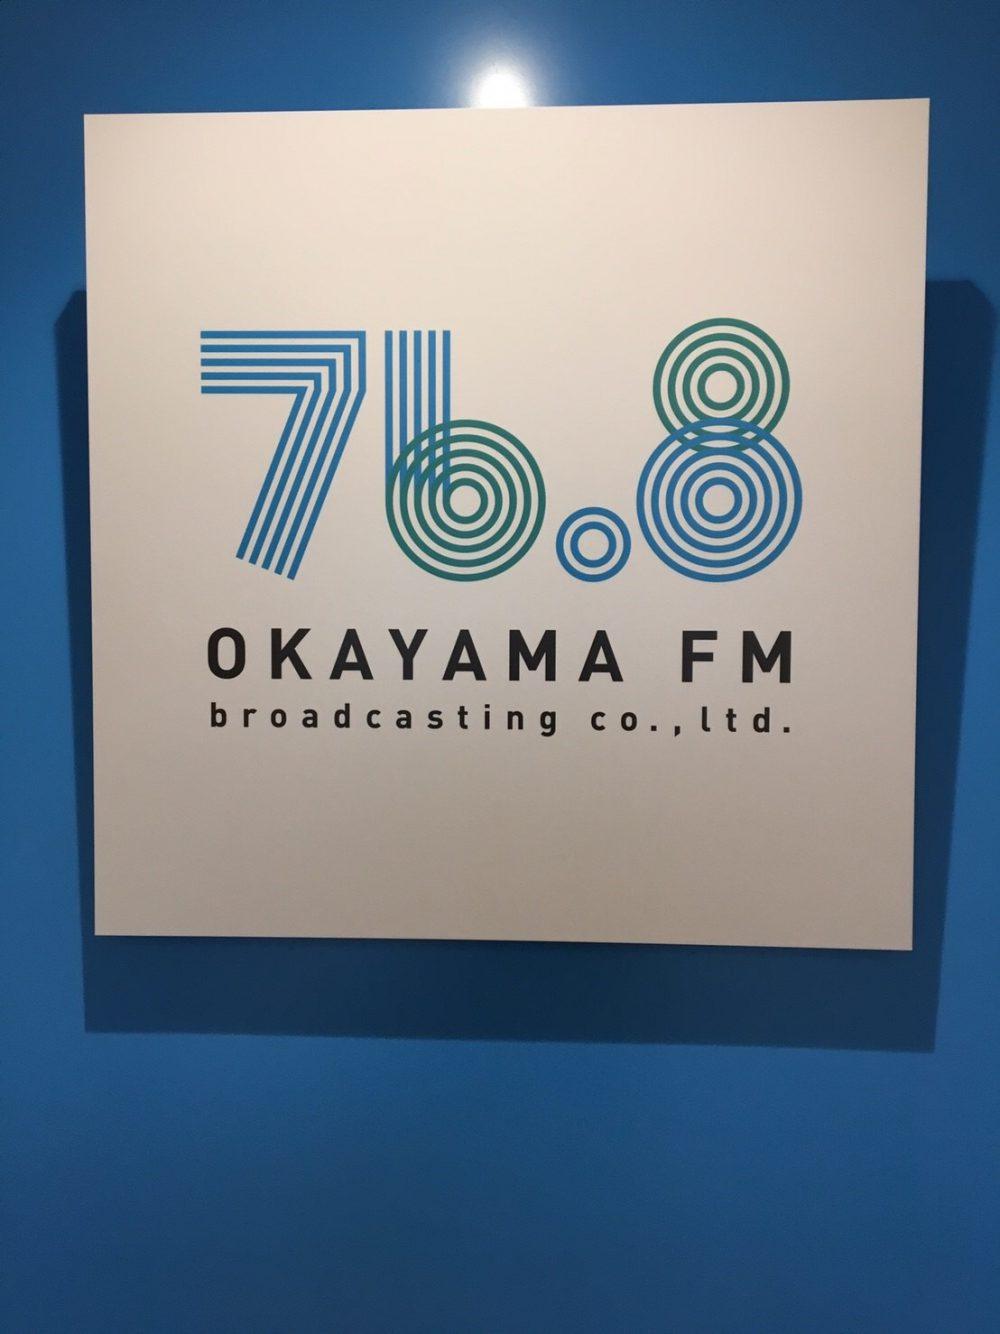 FM岡山放送中です!